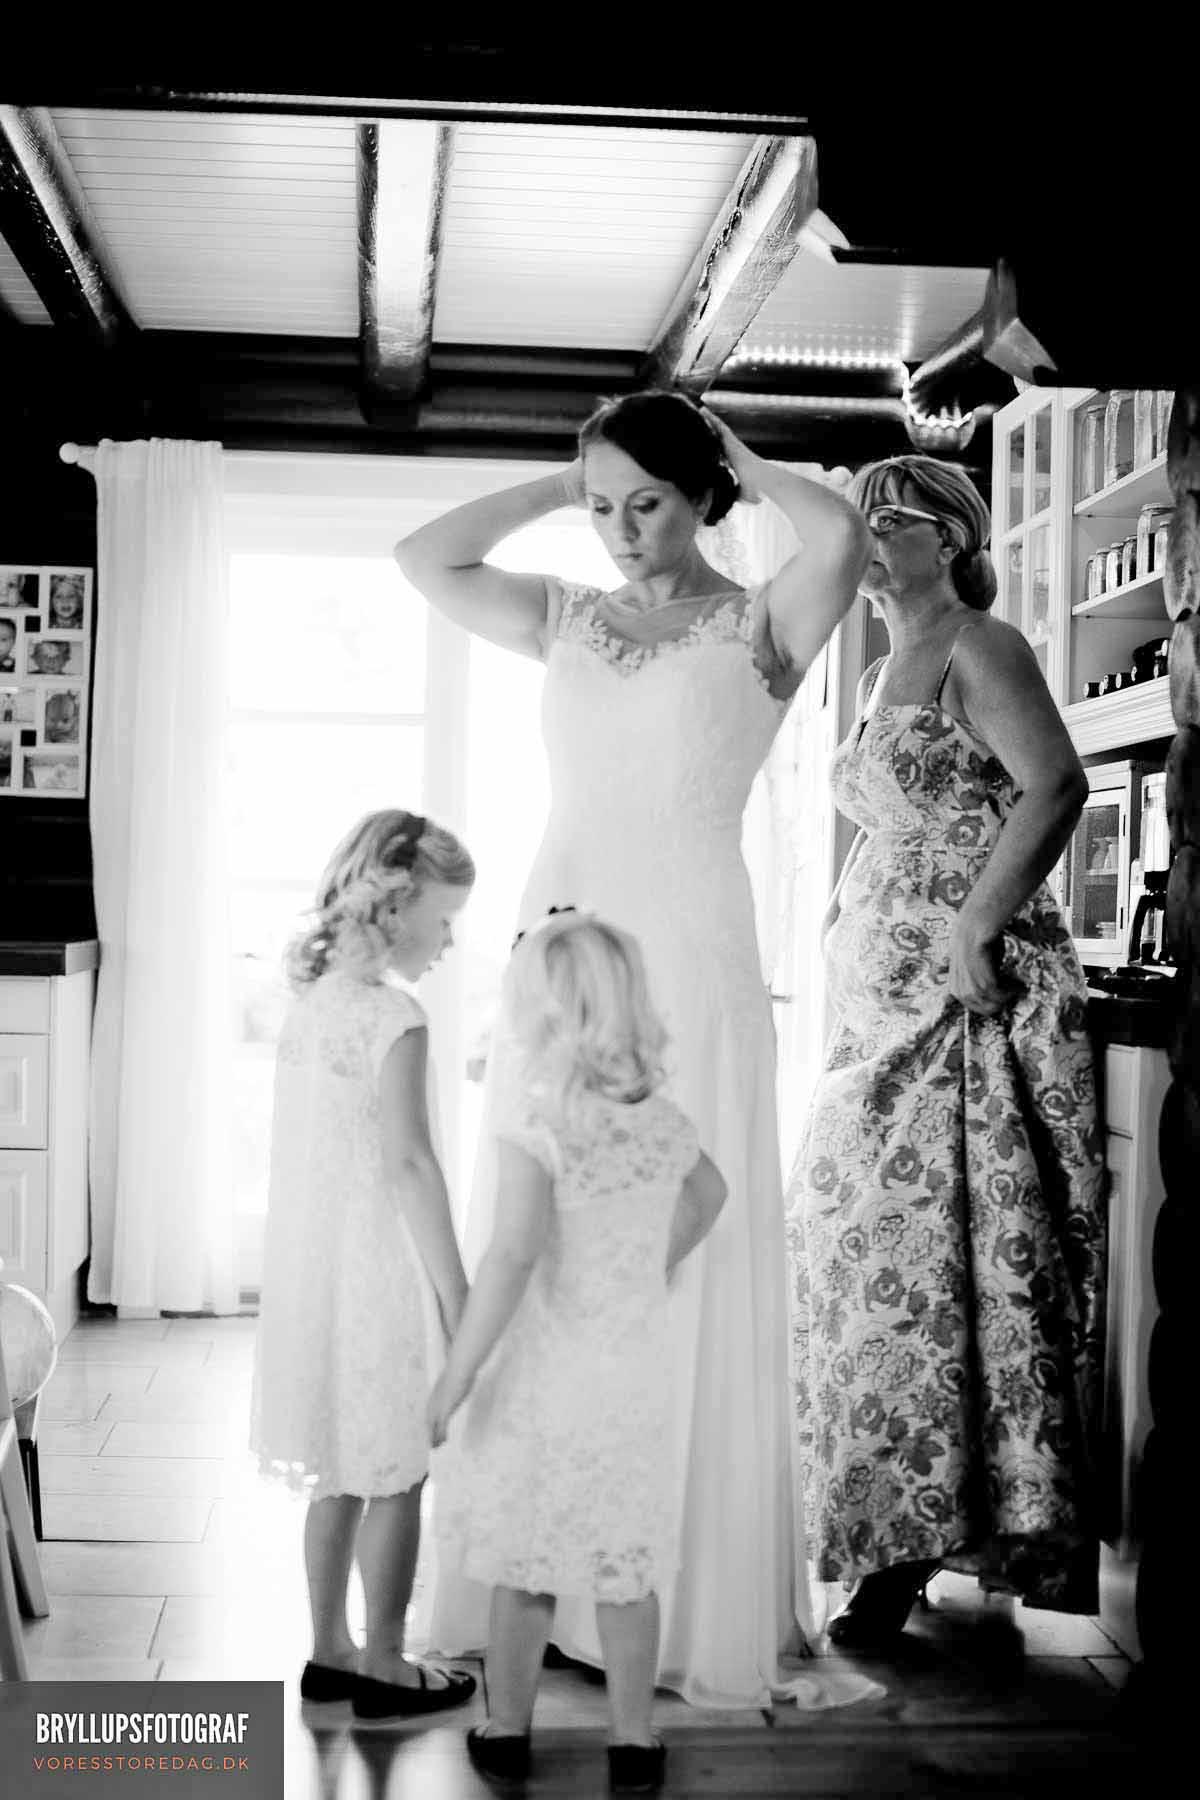 Bryllupsfotograf til kreative bryllupsbilleder